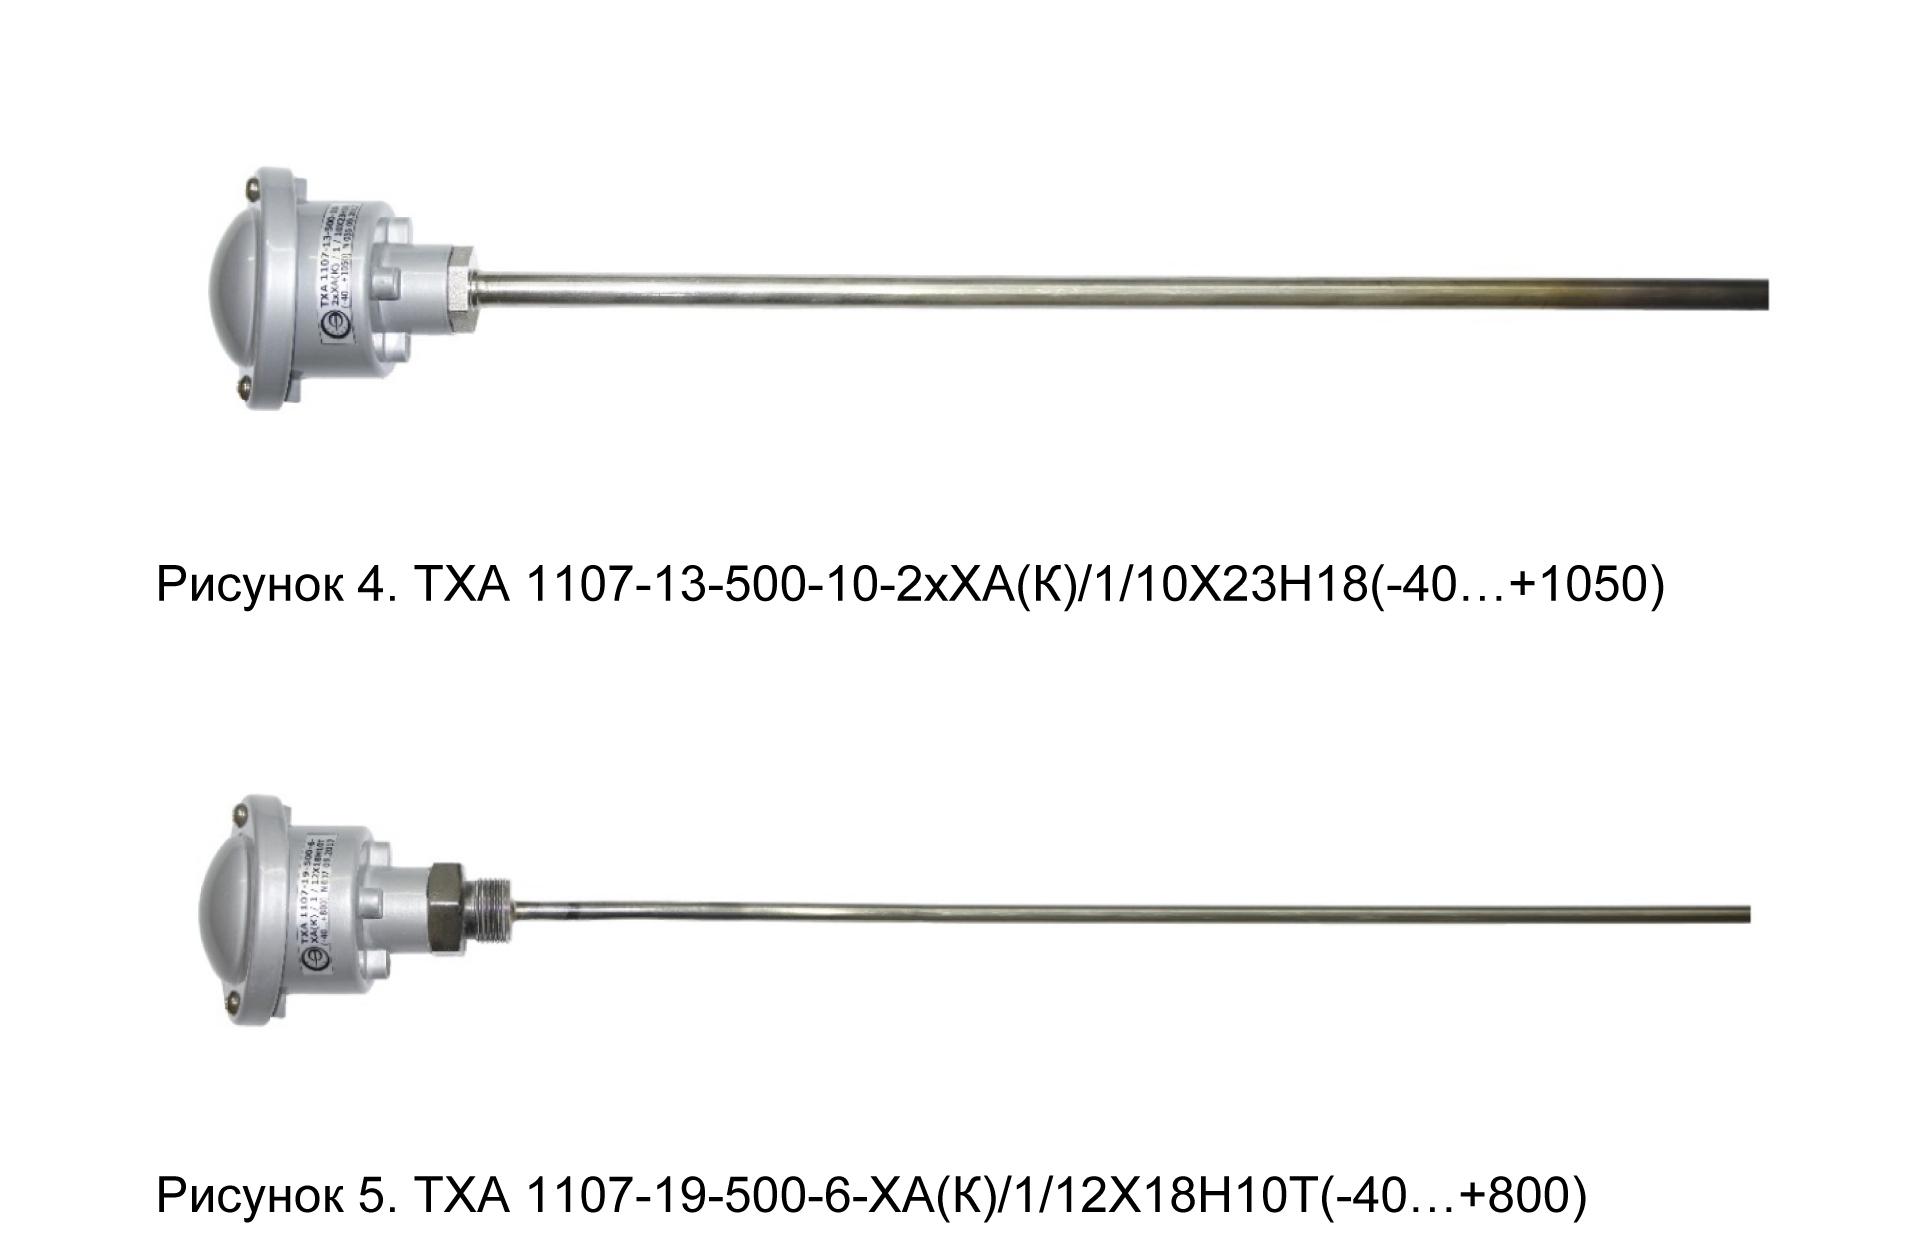 Преимущества блочно-модульной конструкции датчиков температуры  ТСП (ТСМ) 1107 и  ТХА (ТХК) 1107 производства АО «НПП «Эталон»